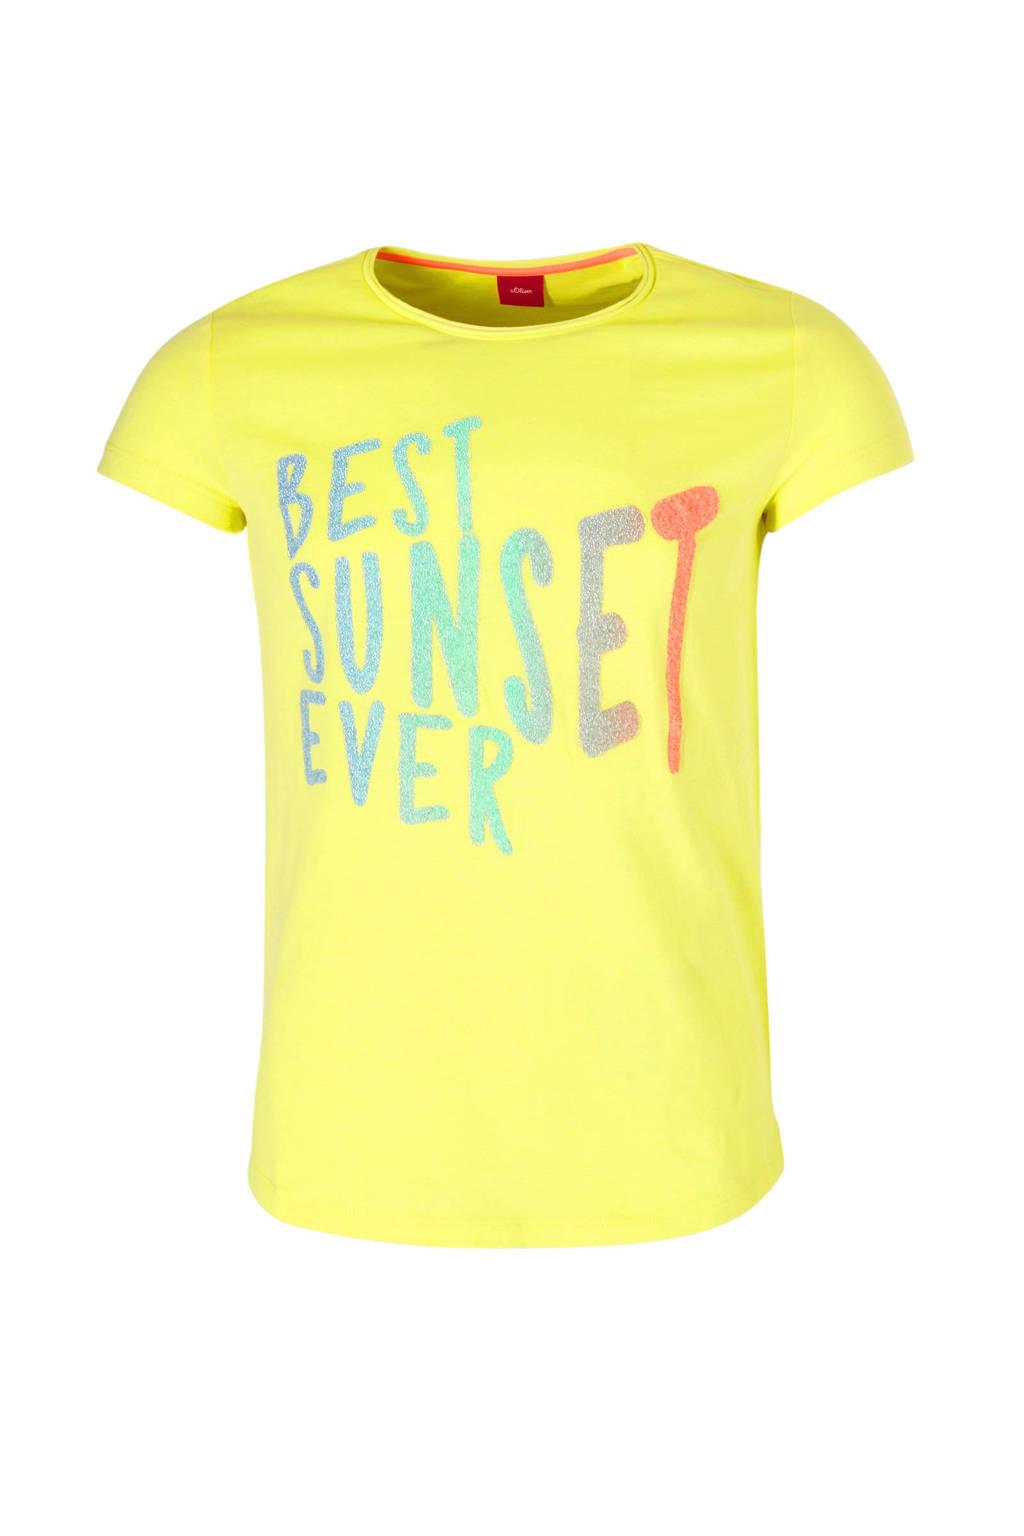 s.Oliver T-shirt met tekstopdruk lichtgeel, Lichtgeel